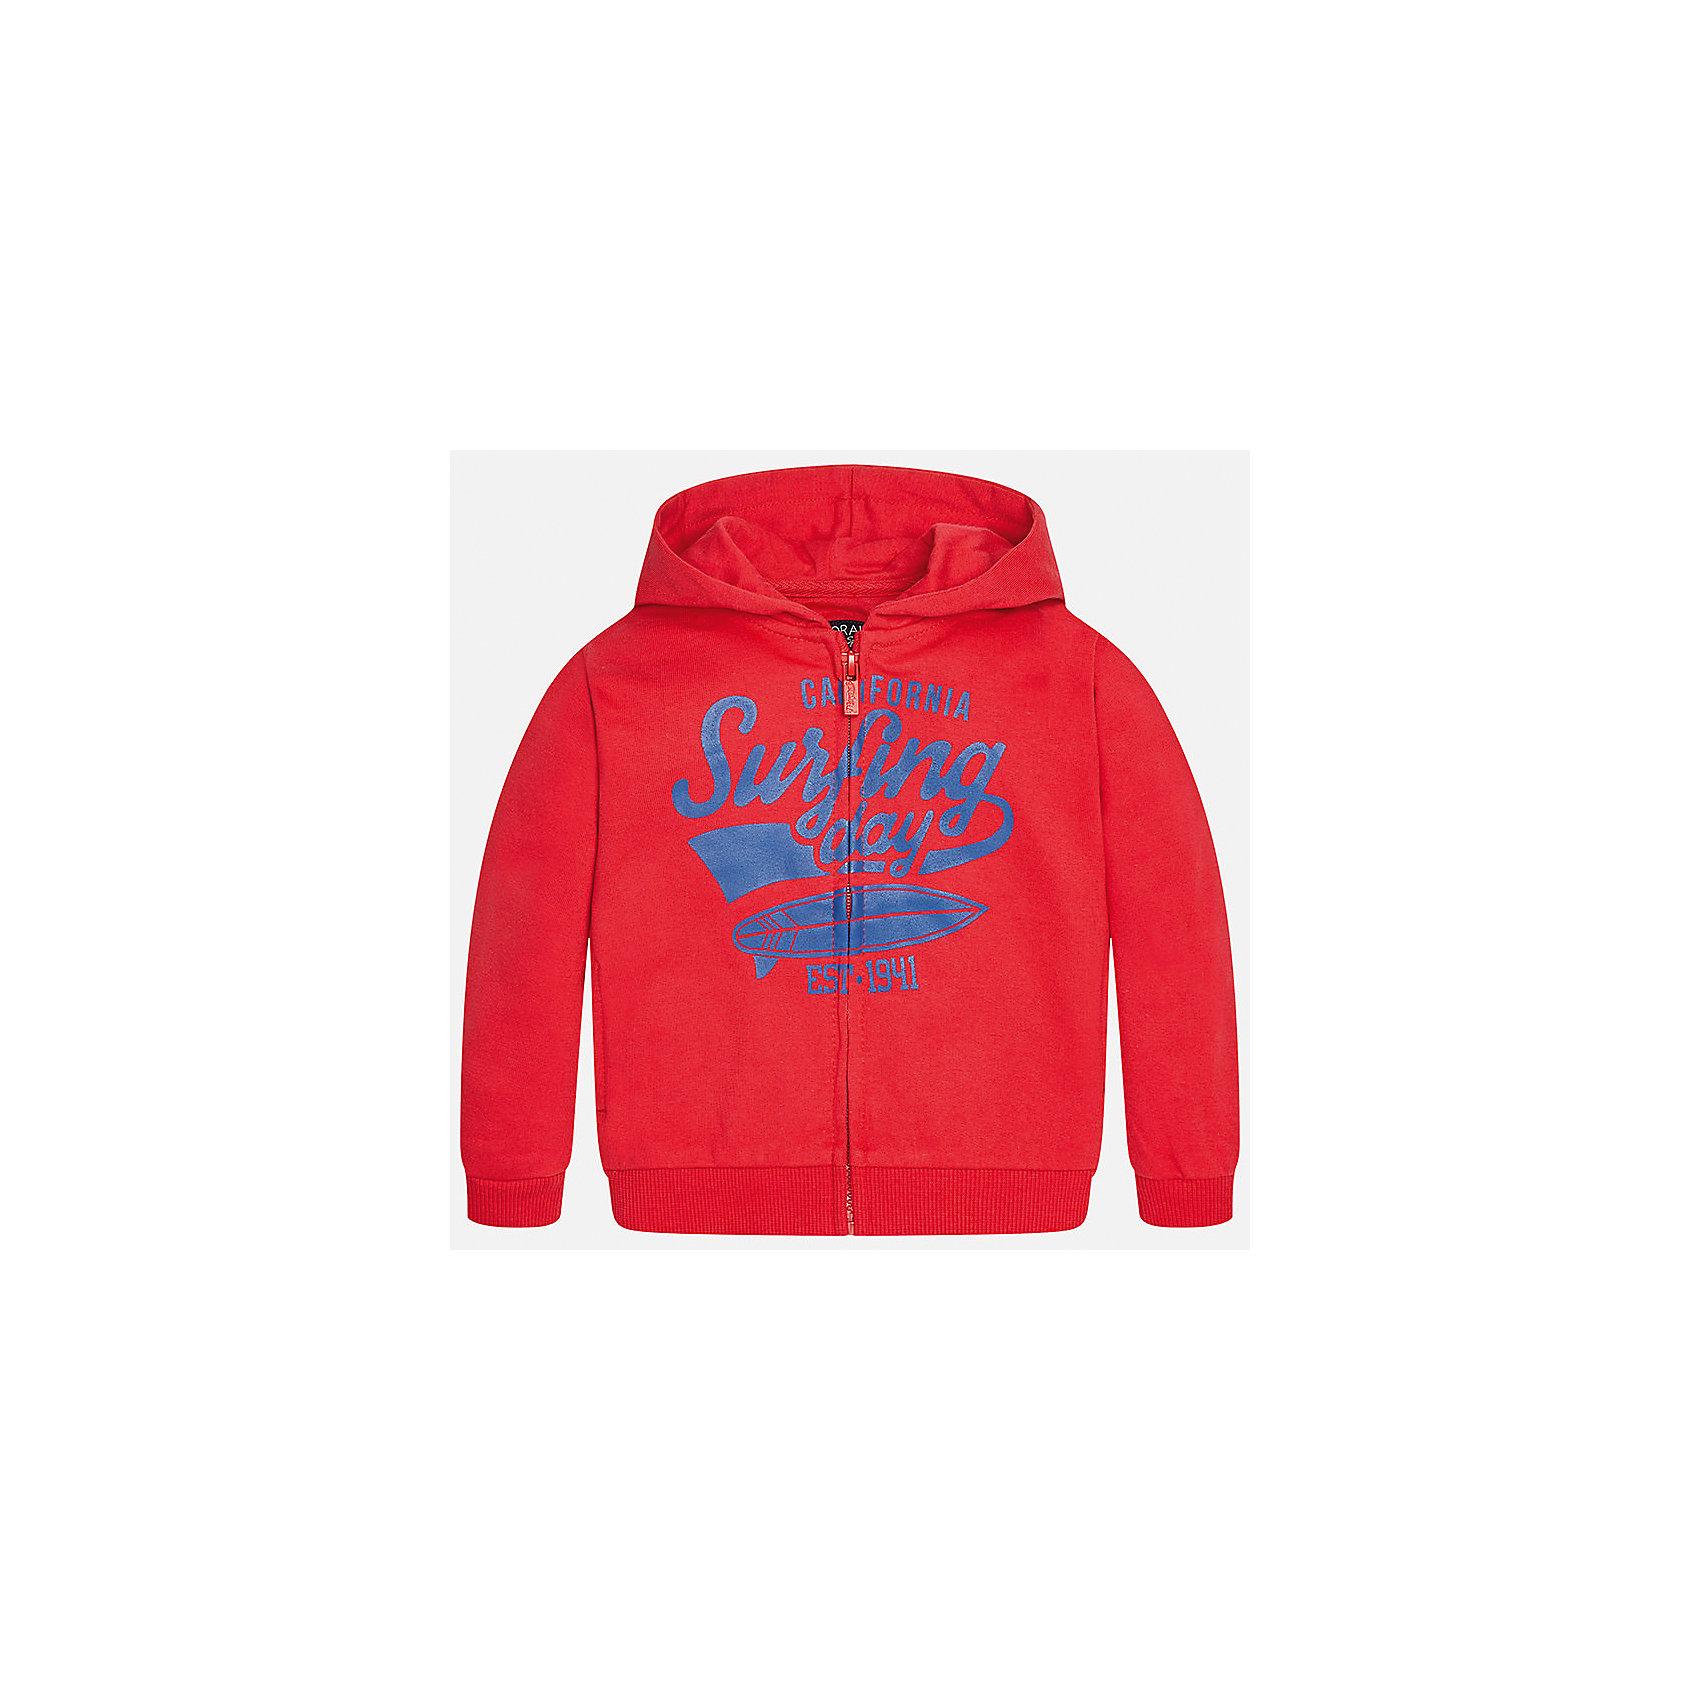 Толстовка для мальчика MayoralТолстовки<br>Характеристики товара:<br><br>• цвет: красный<br>• состав: 60% хлопок, 40% полиэстер<br>• рукава длинные <br>• принт<br>• молния<br>• капюшон<br>• страна бренда: Испания<br><br>Удобная модная куртка для мальчика поможет разнообразить гардероб ребенка и обеспечить тепло. Она отлично сочетается и с джинсами, и с брюками. Универсальный цвет позволяет подобрать к вещи низ различных расцветок. Интересная отделка модели делает её нарядной и оригинальной. В составе материала - натуральный хлопок, гипоаллергенный, приятный на ощупь, дышащий.<br><br>Одежда, обувь и аксессуары от испанского бренда Mayoral полюбились детям и взрослым по всему миру. Модели этой марки - стильные и удобные. Для их производства используются только безопасные, качественные материалы и фурнитура. Порадуйте ребенка модными и красивыми вещами от Mayoral! <br><br>Куртку для мальчика от испанского бренда Mayoral (Майорал) можно купить в нашем интернет-магазине.<br><br>Ширина мм: 356<br>Глубина мм: 10<br>Высота мм: 245<br>Вес г: 519<br>Цвет: красный<br>Возраст от месяцев: 12<br>Возраст до месяцев: 15<br>Пол: Мужской<br>Возраст: Детский<br>Размер: 86,92,80<br>SKU: 5279592